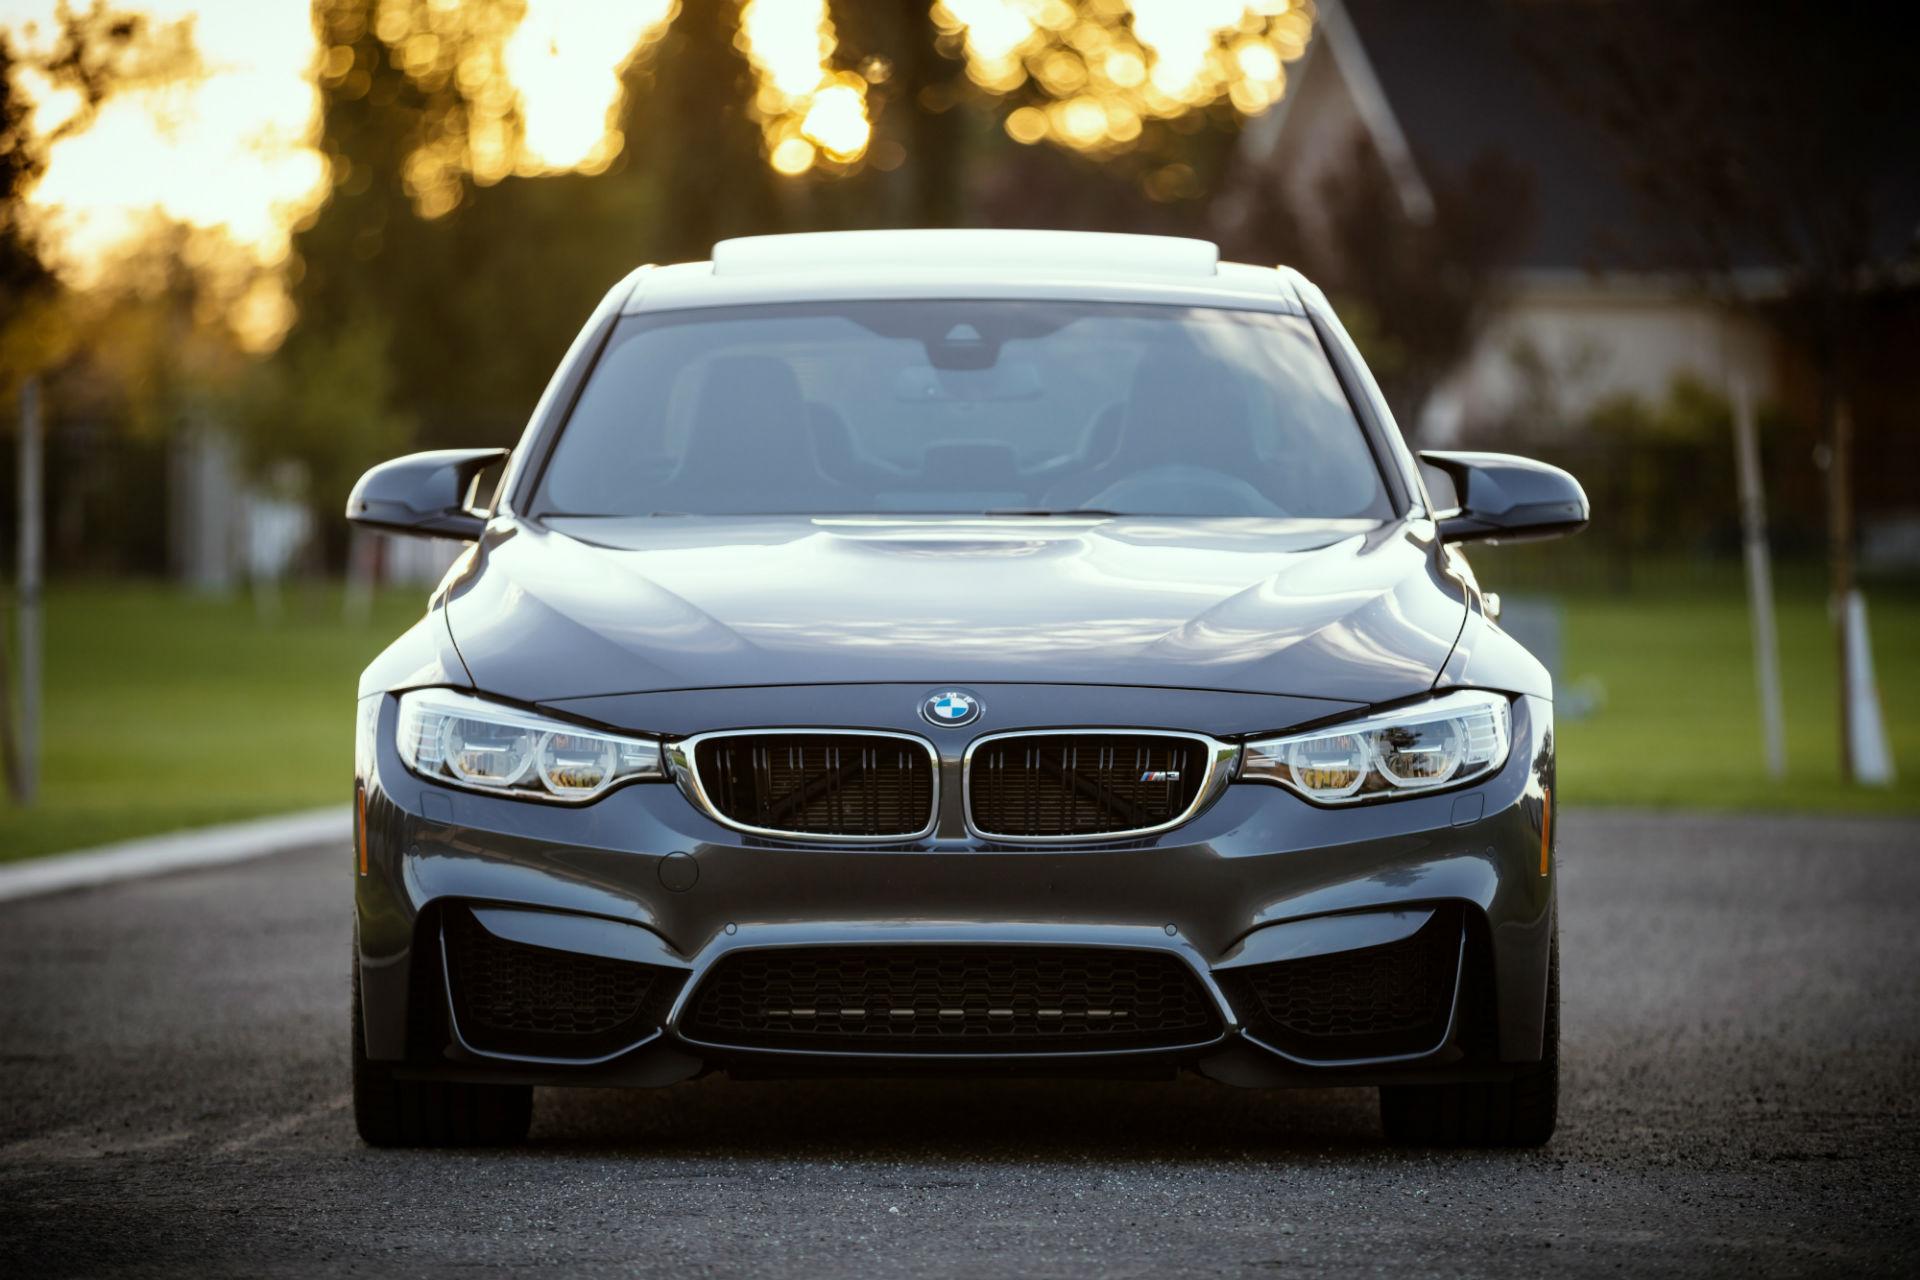 brand new car (BMW)